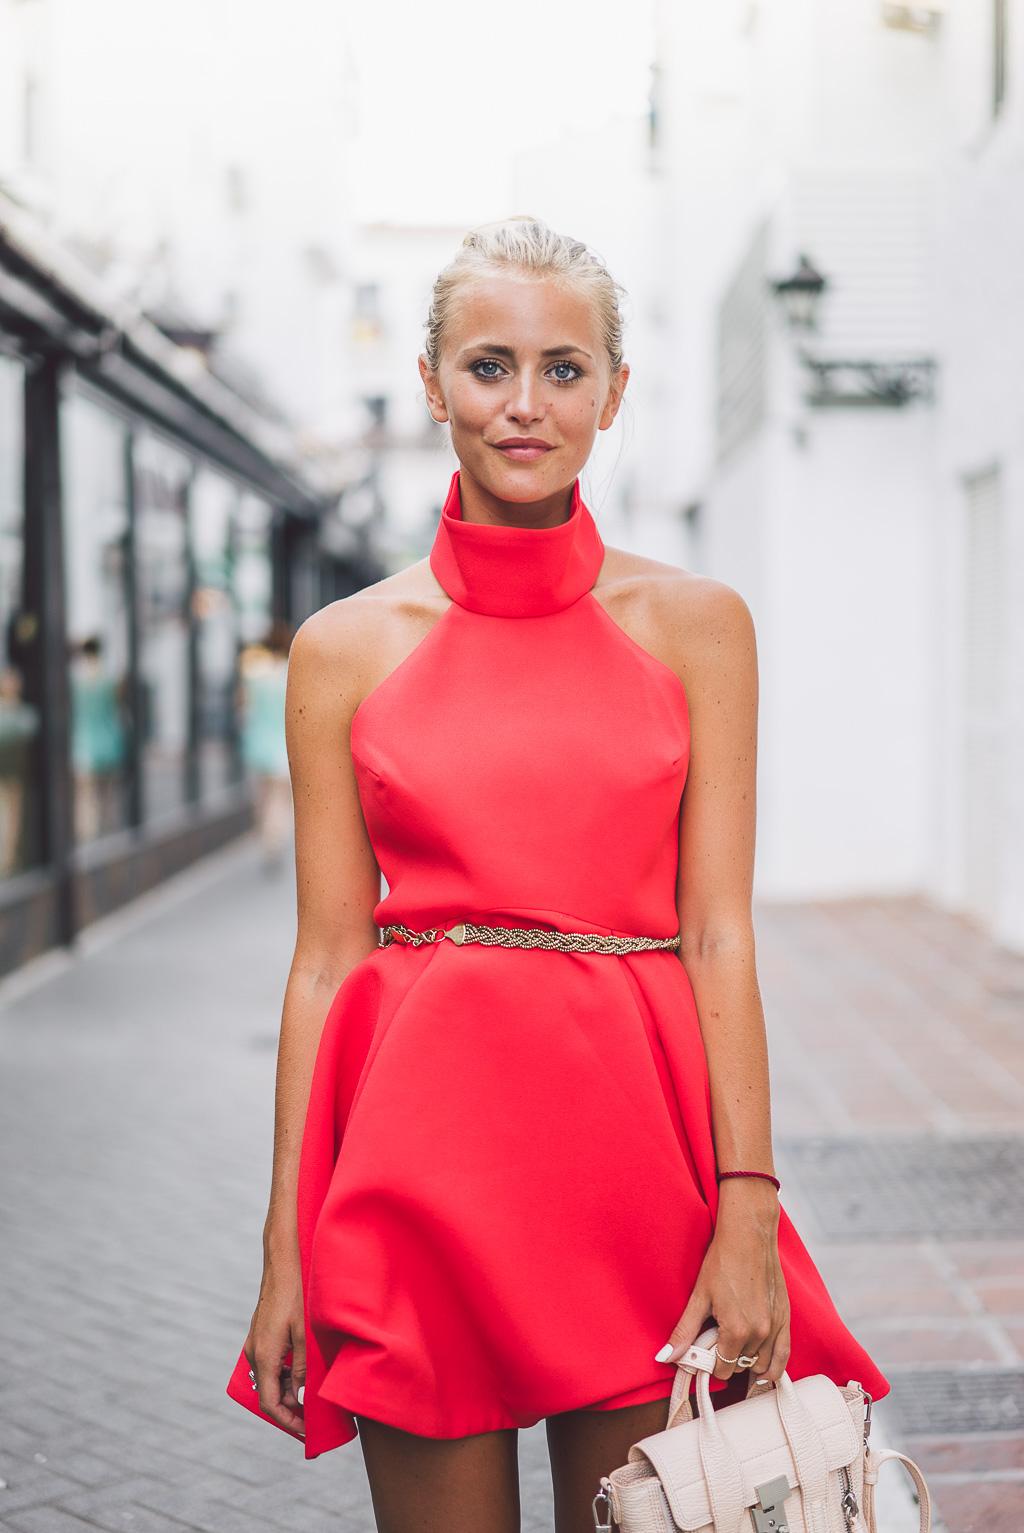 janni-deler-red-dress-finders-keepersDSC02333